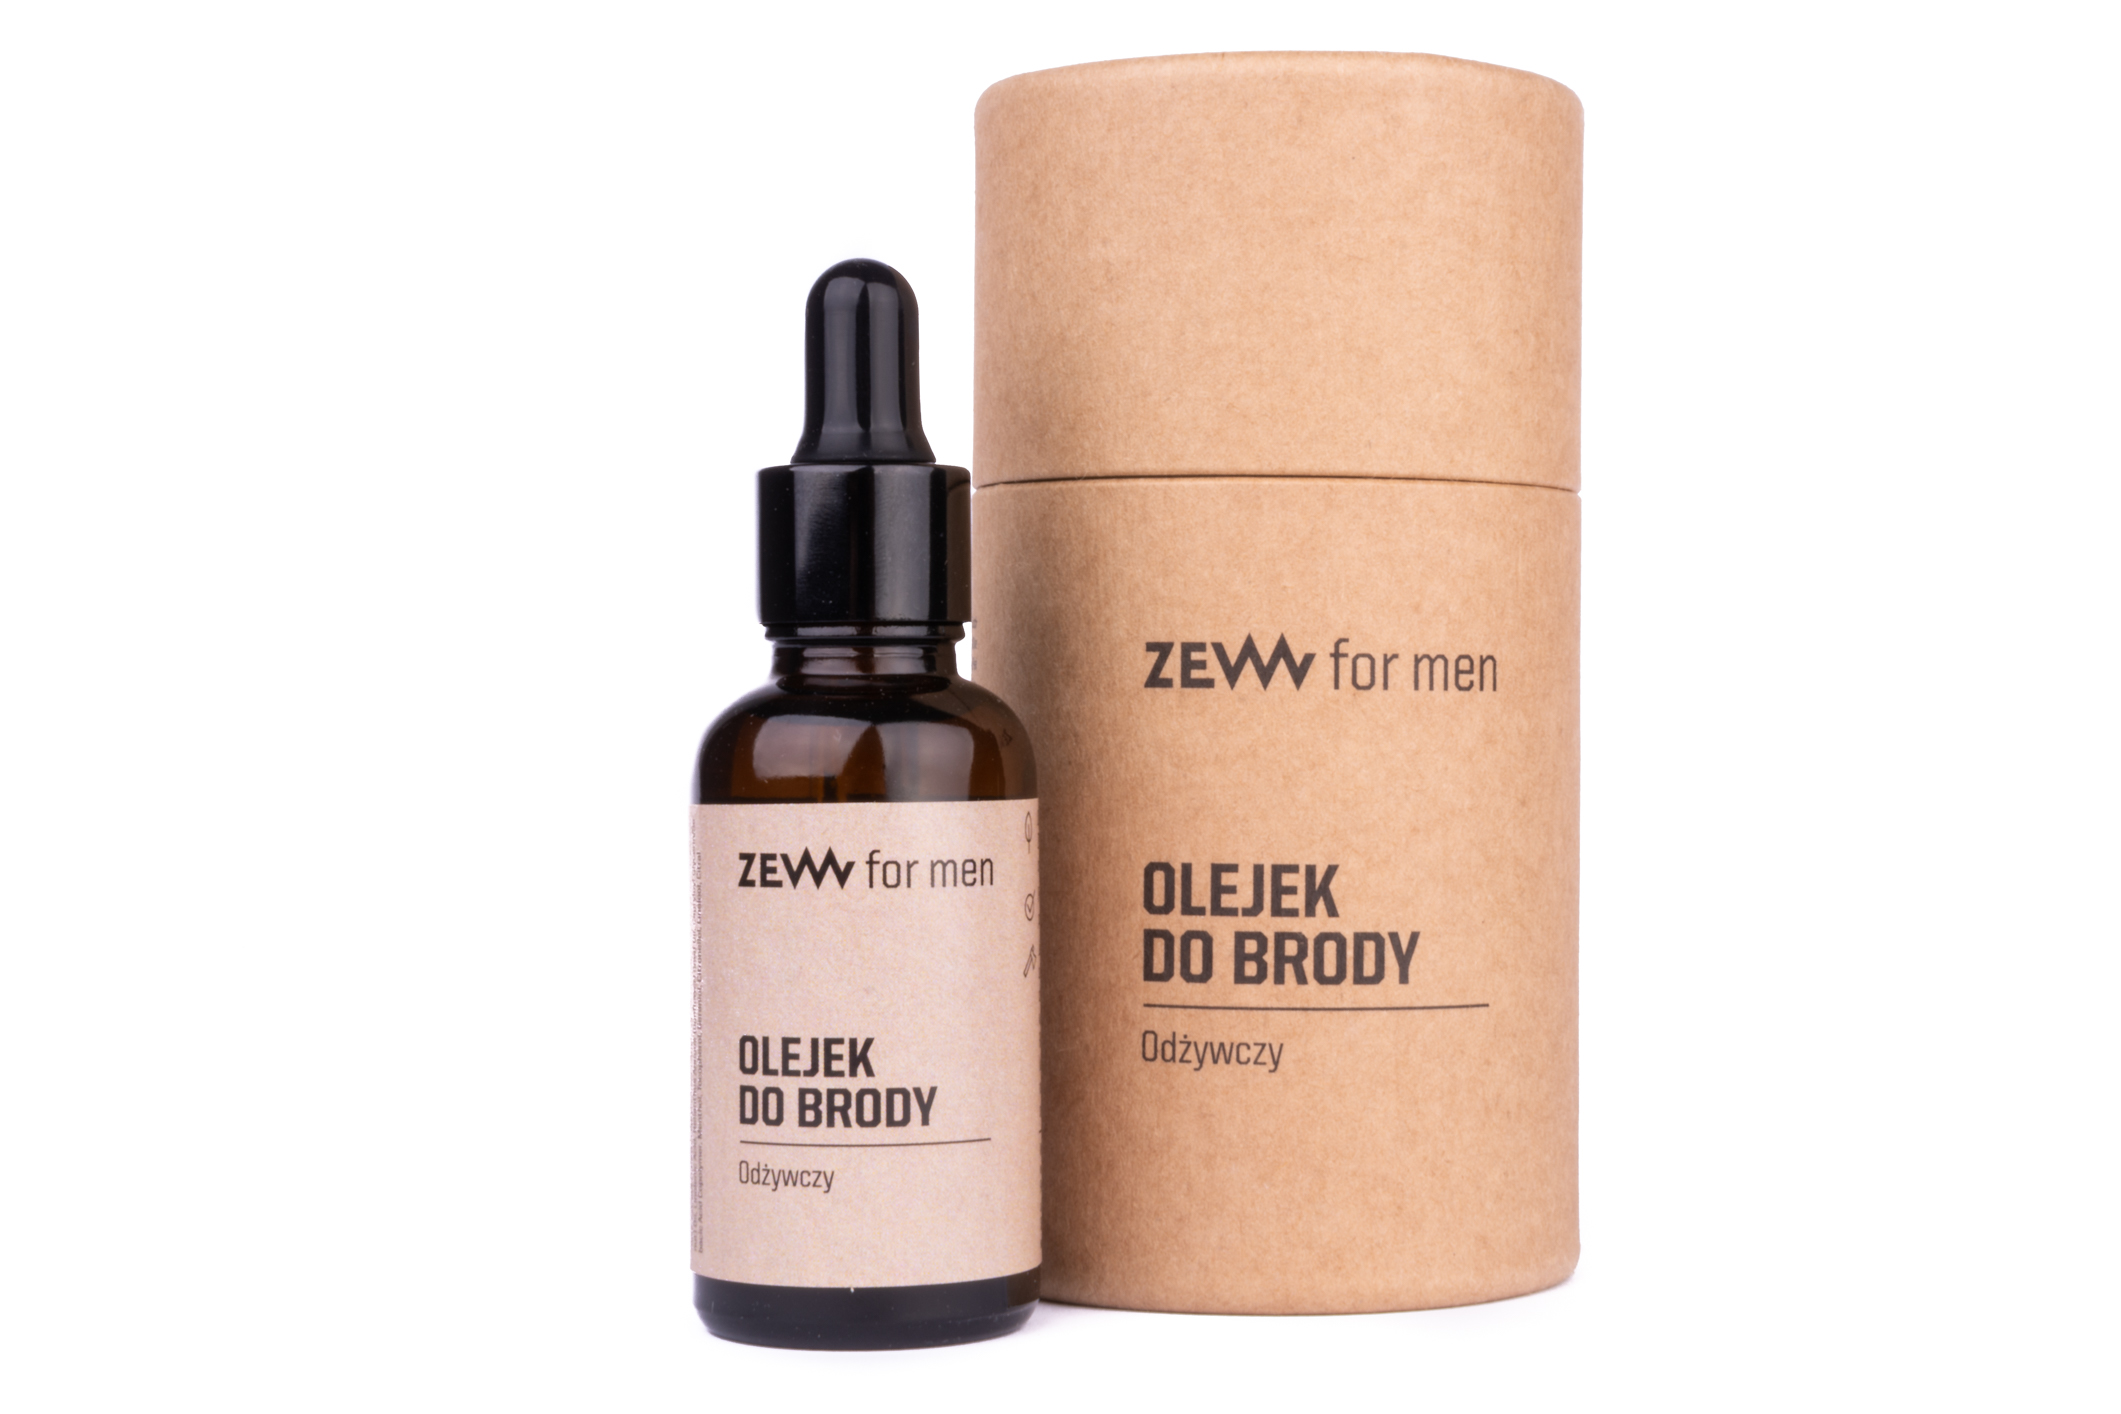 ZEW odżywczy olejek do brody 30 ml